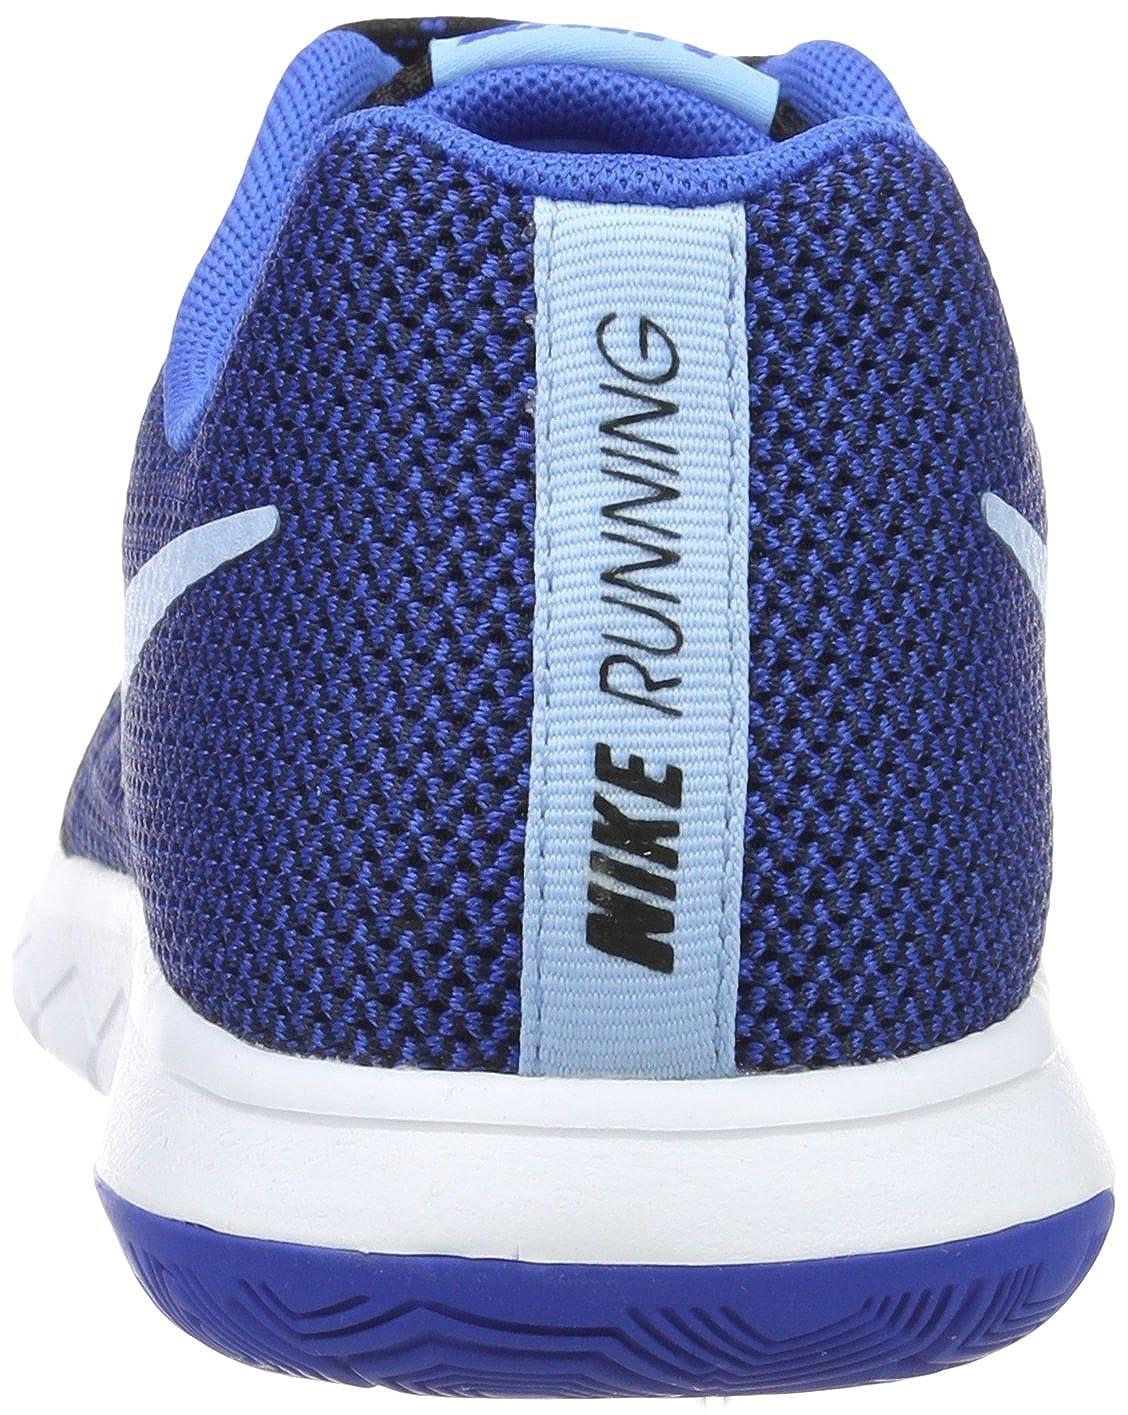 messieurs et mesdames mesdames mesdames nike  's flex expérience rn 5 modèle de chaussures de course de la mode à bas prix parfait wn7127 de transformation e20298